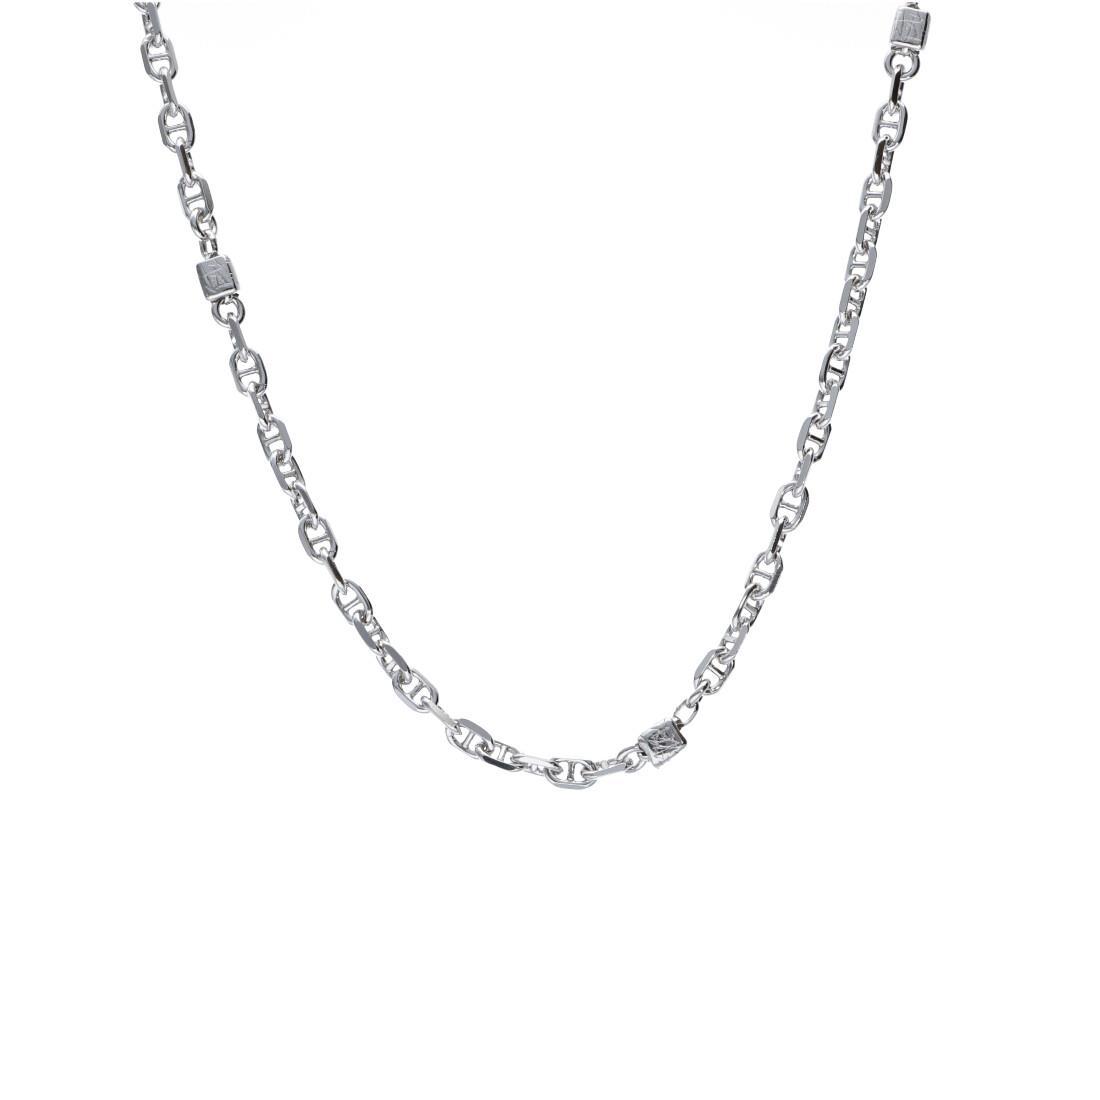 Collana uomo in argento 925  - ORO&CO 925